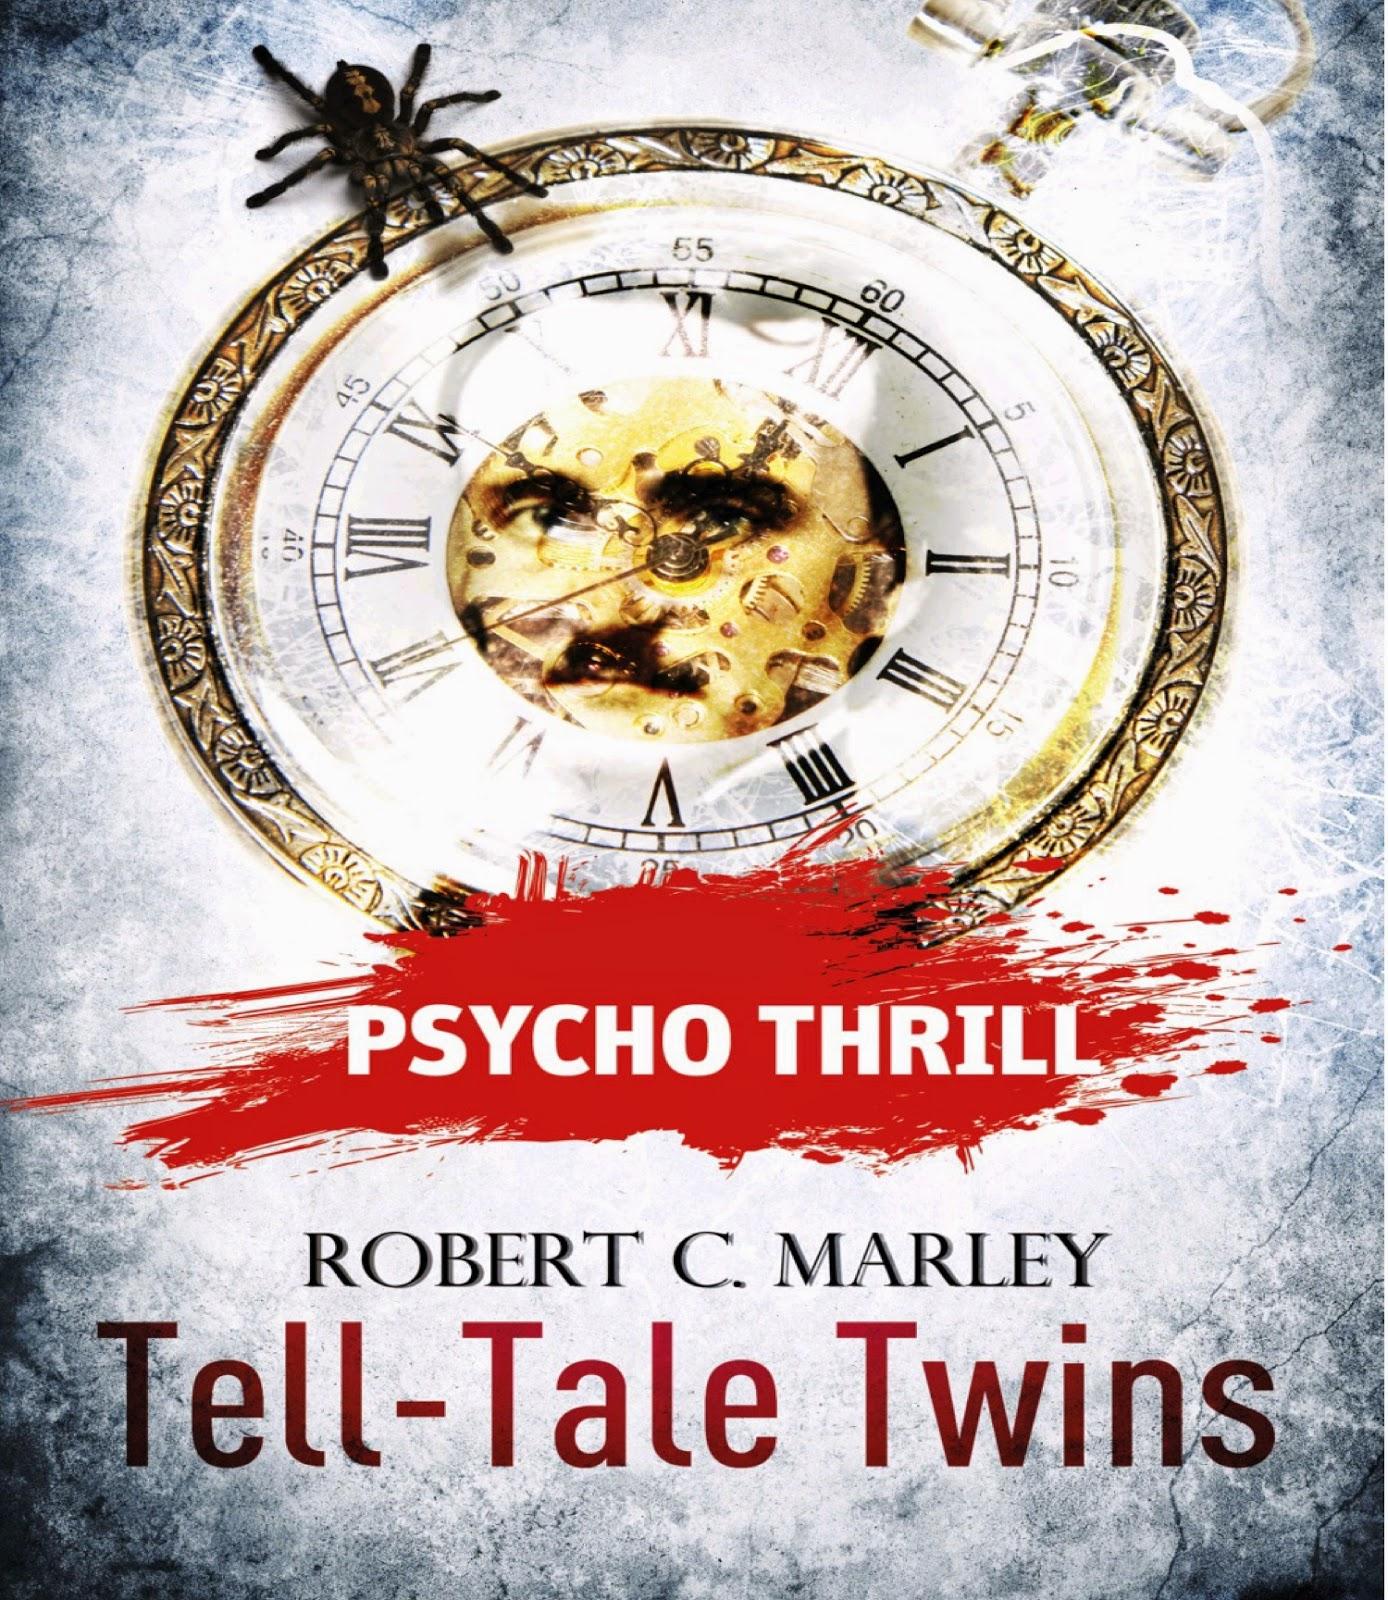 http://kristinehallways.blogspot.com/2014/10/psycho-thrill-tell-tale-twins.html